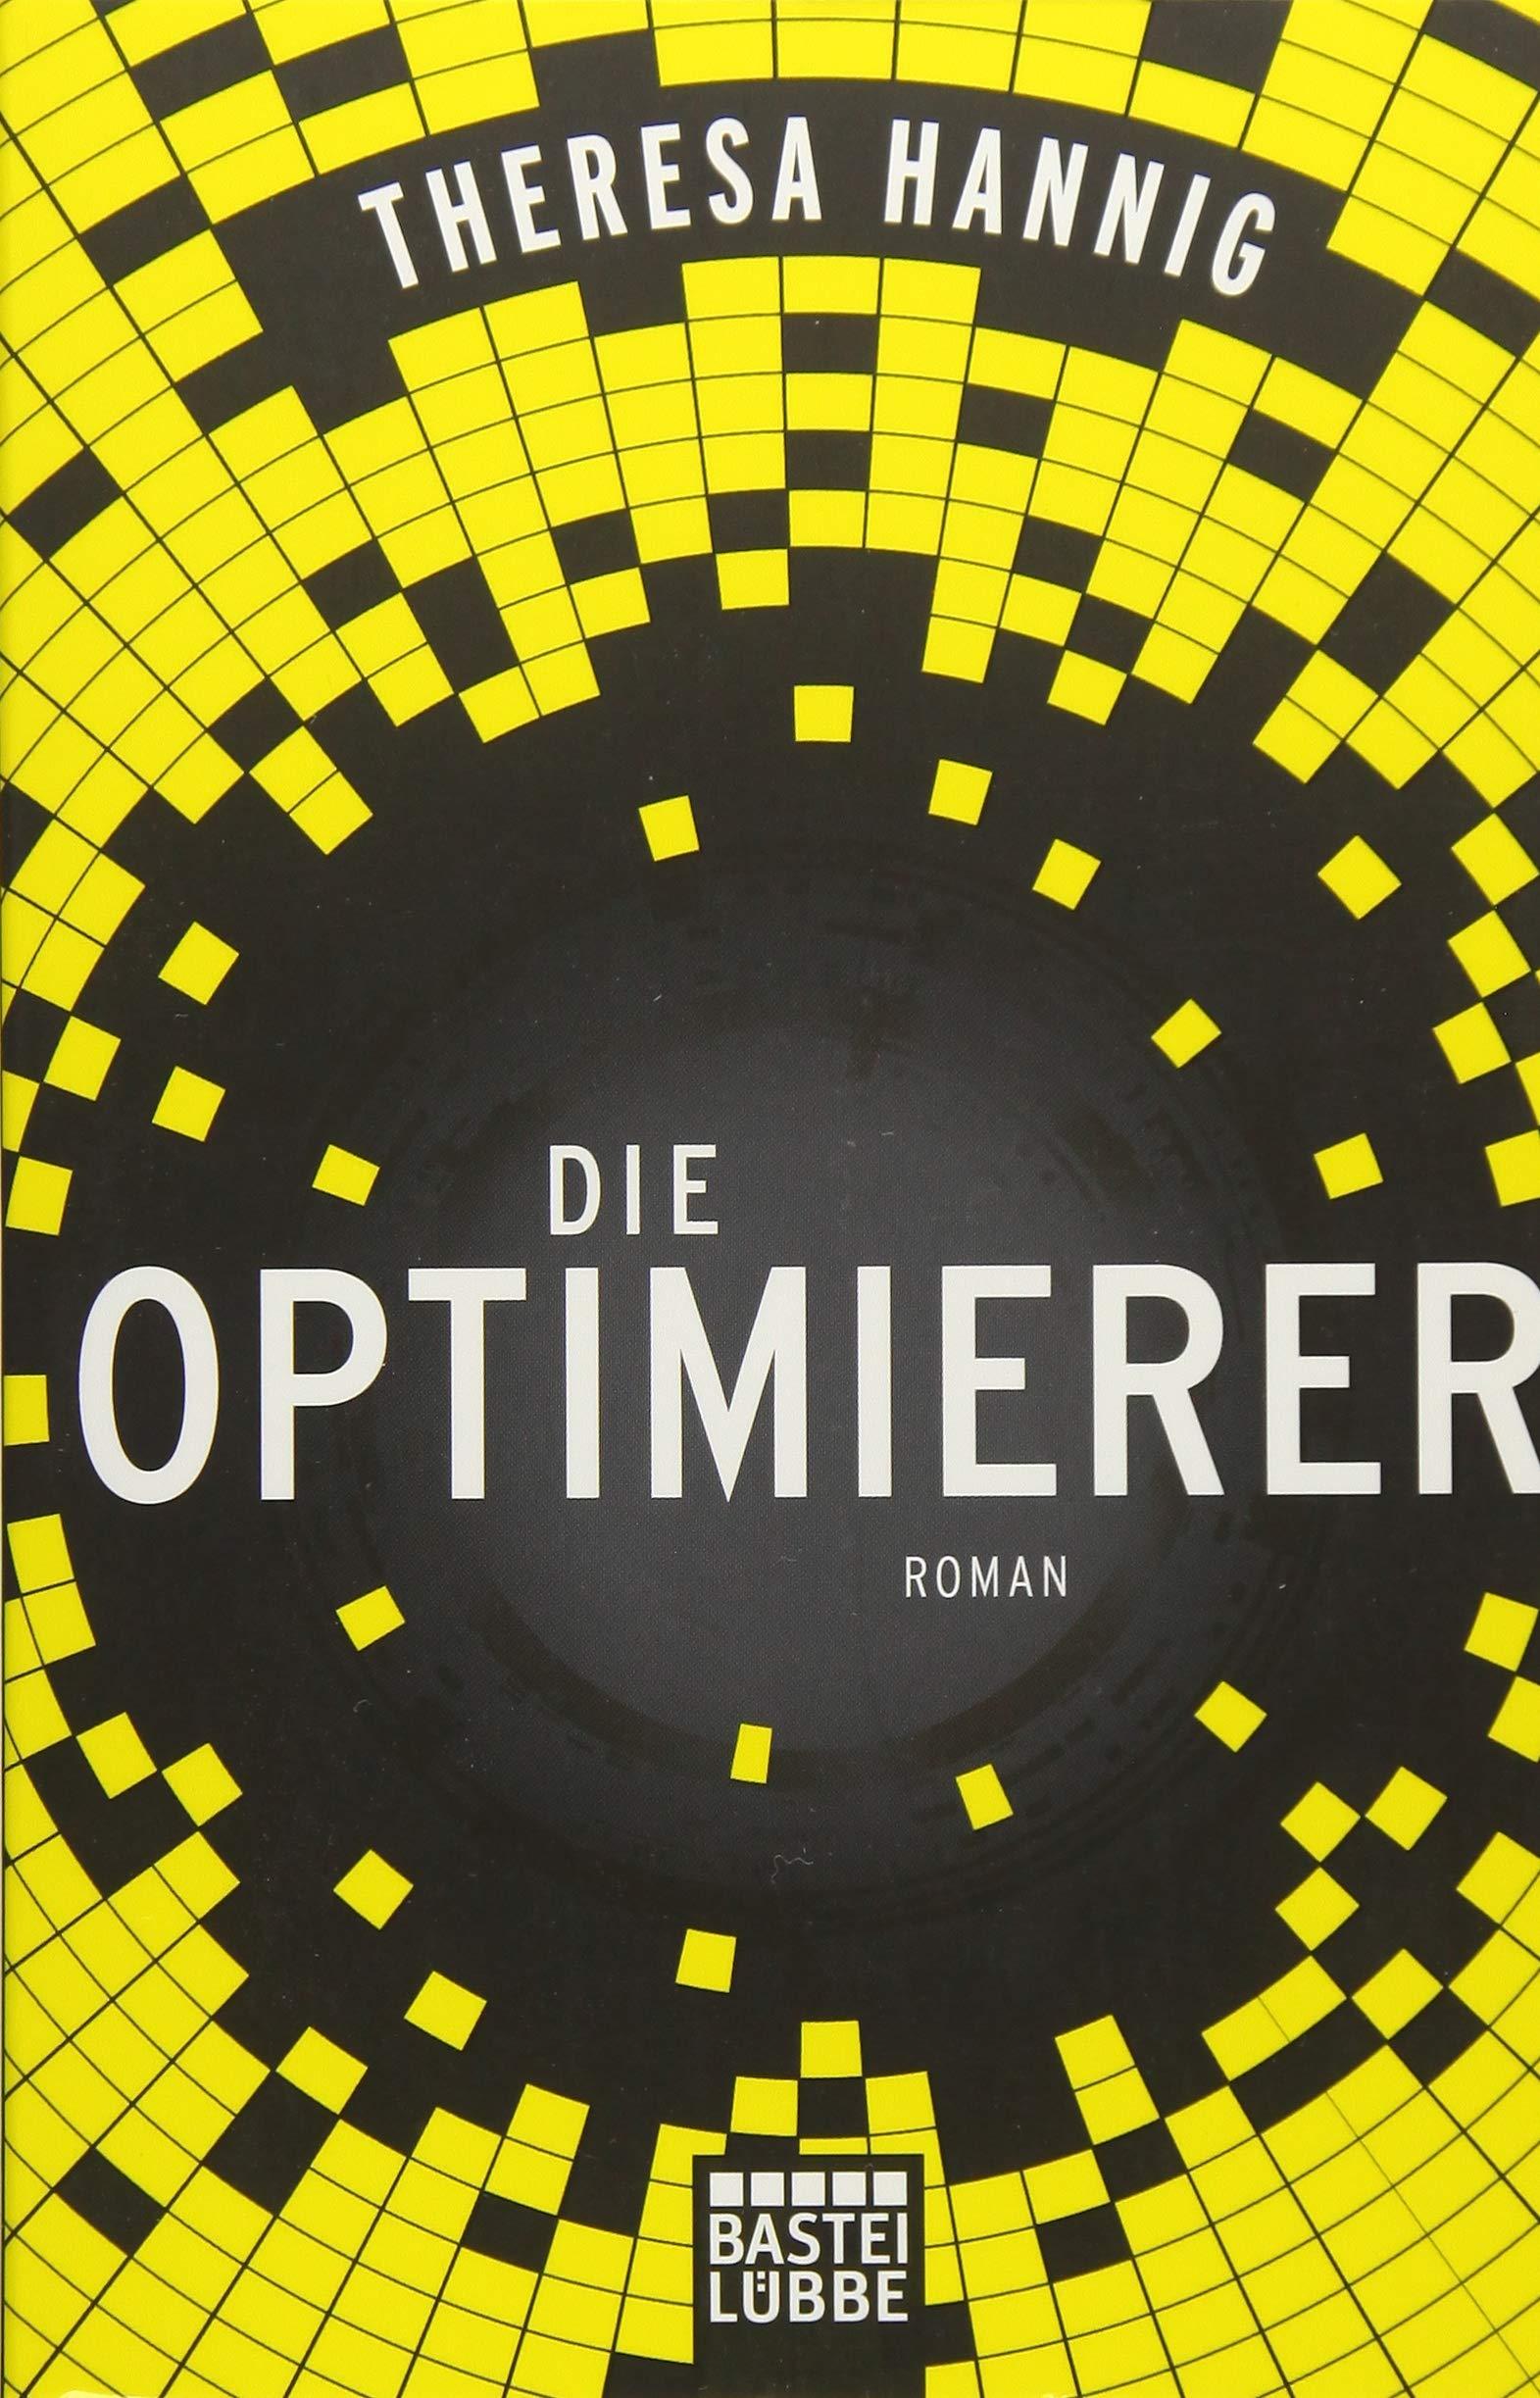 Die Optimierer: Roman Taschenbuch – 29. September 2017 Theresa Hannig 3404208870 Dystopie; Romane/Erzählungen Science Fiction